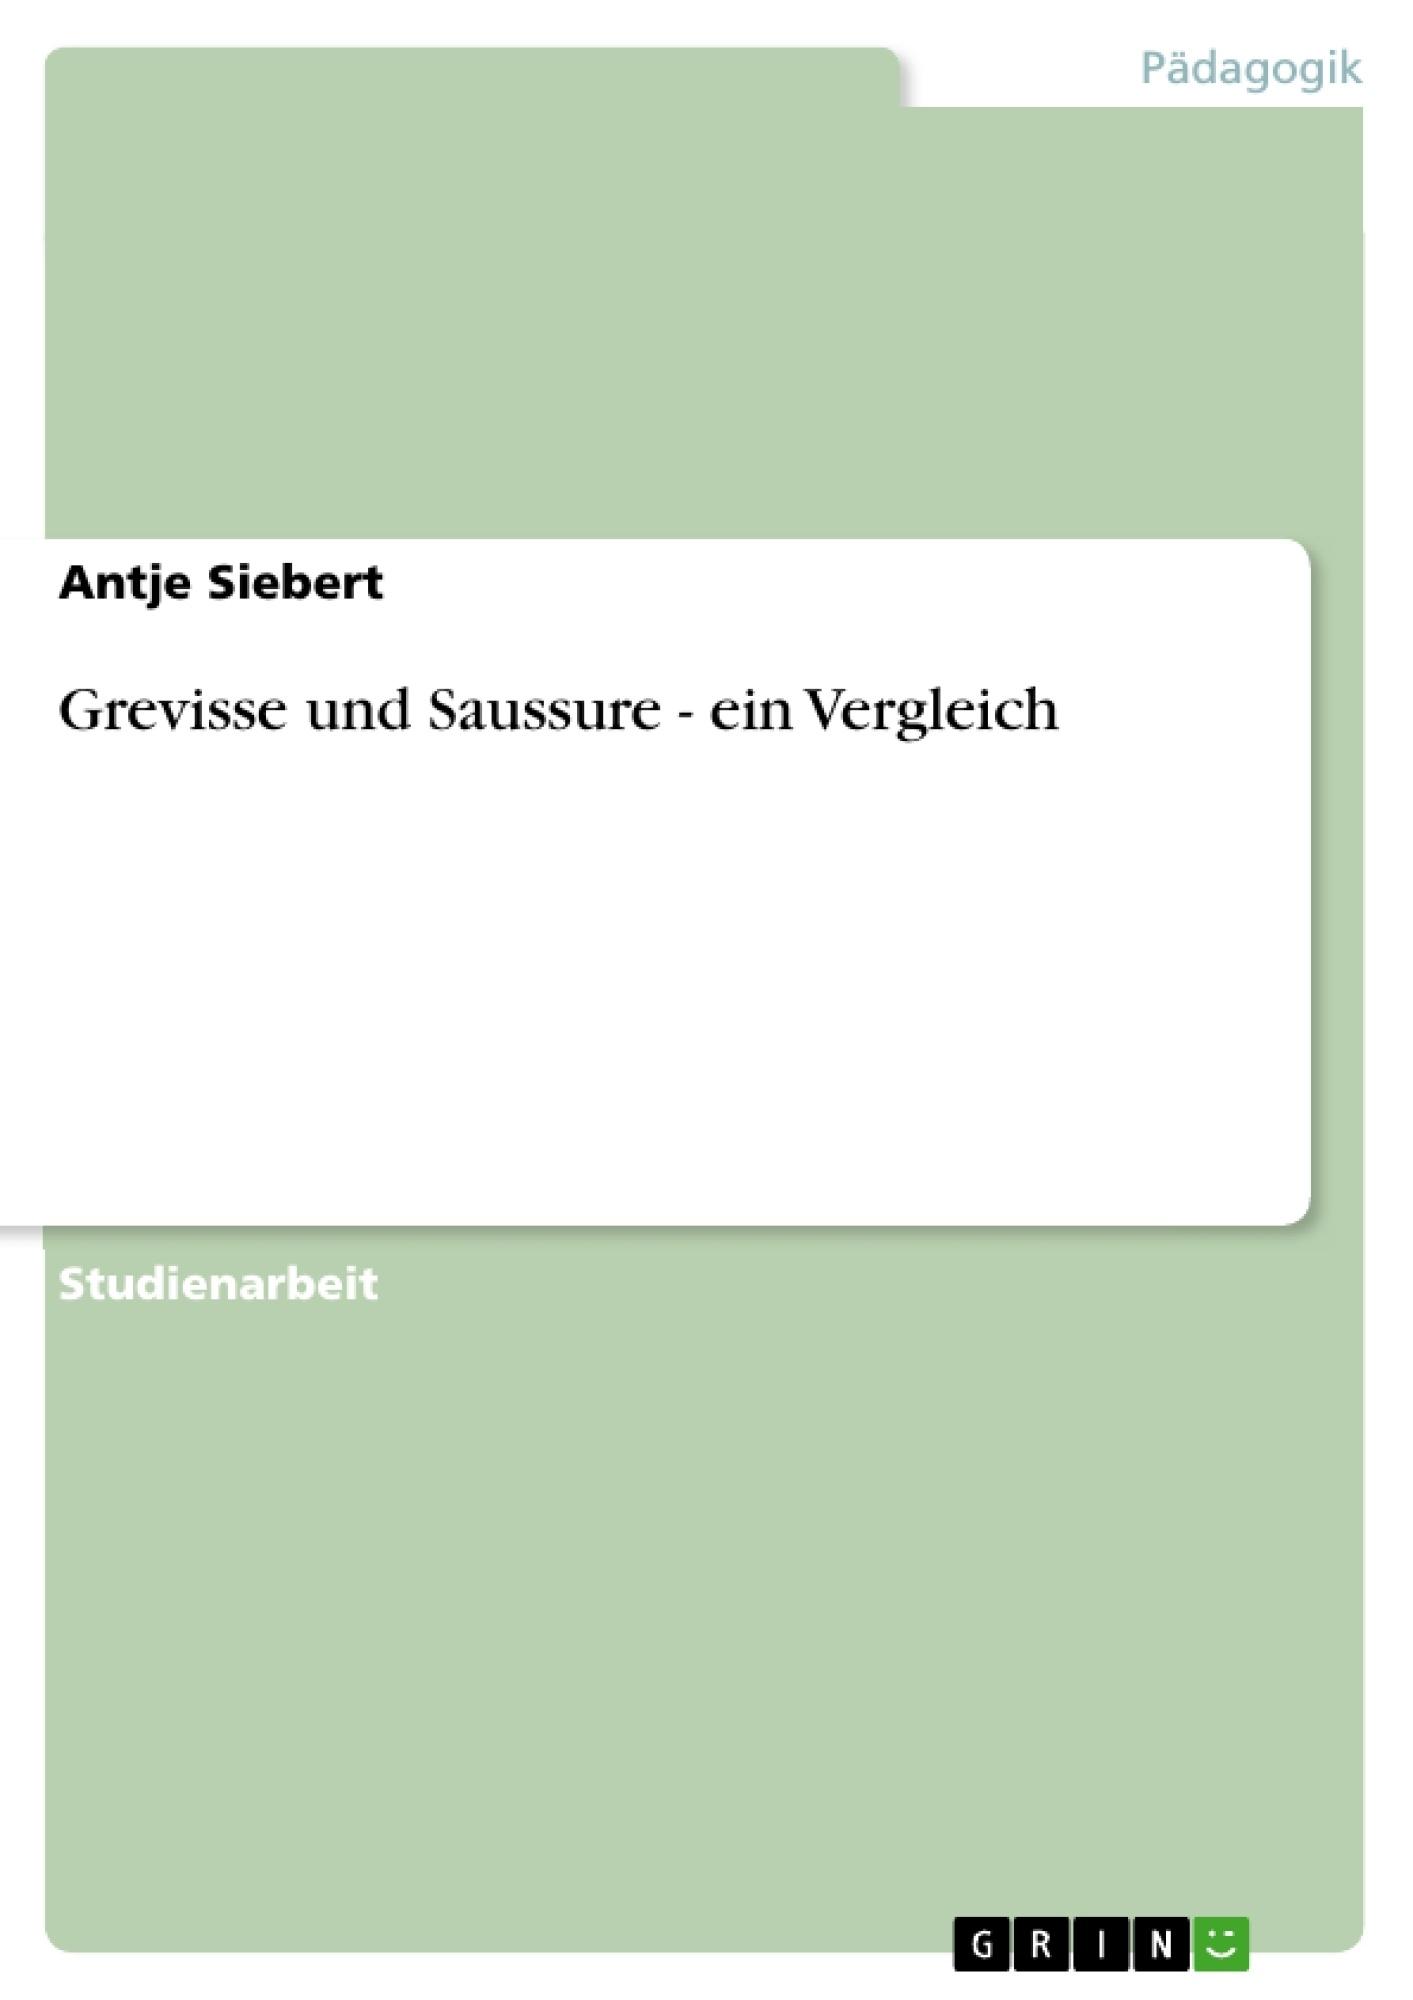 Titel: Grevisse und Saussure - ein Vergleich